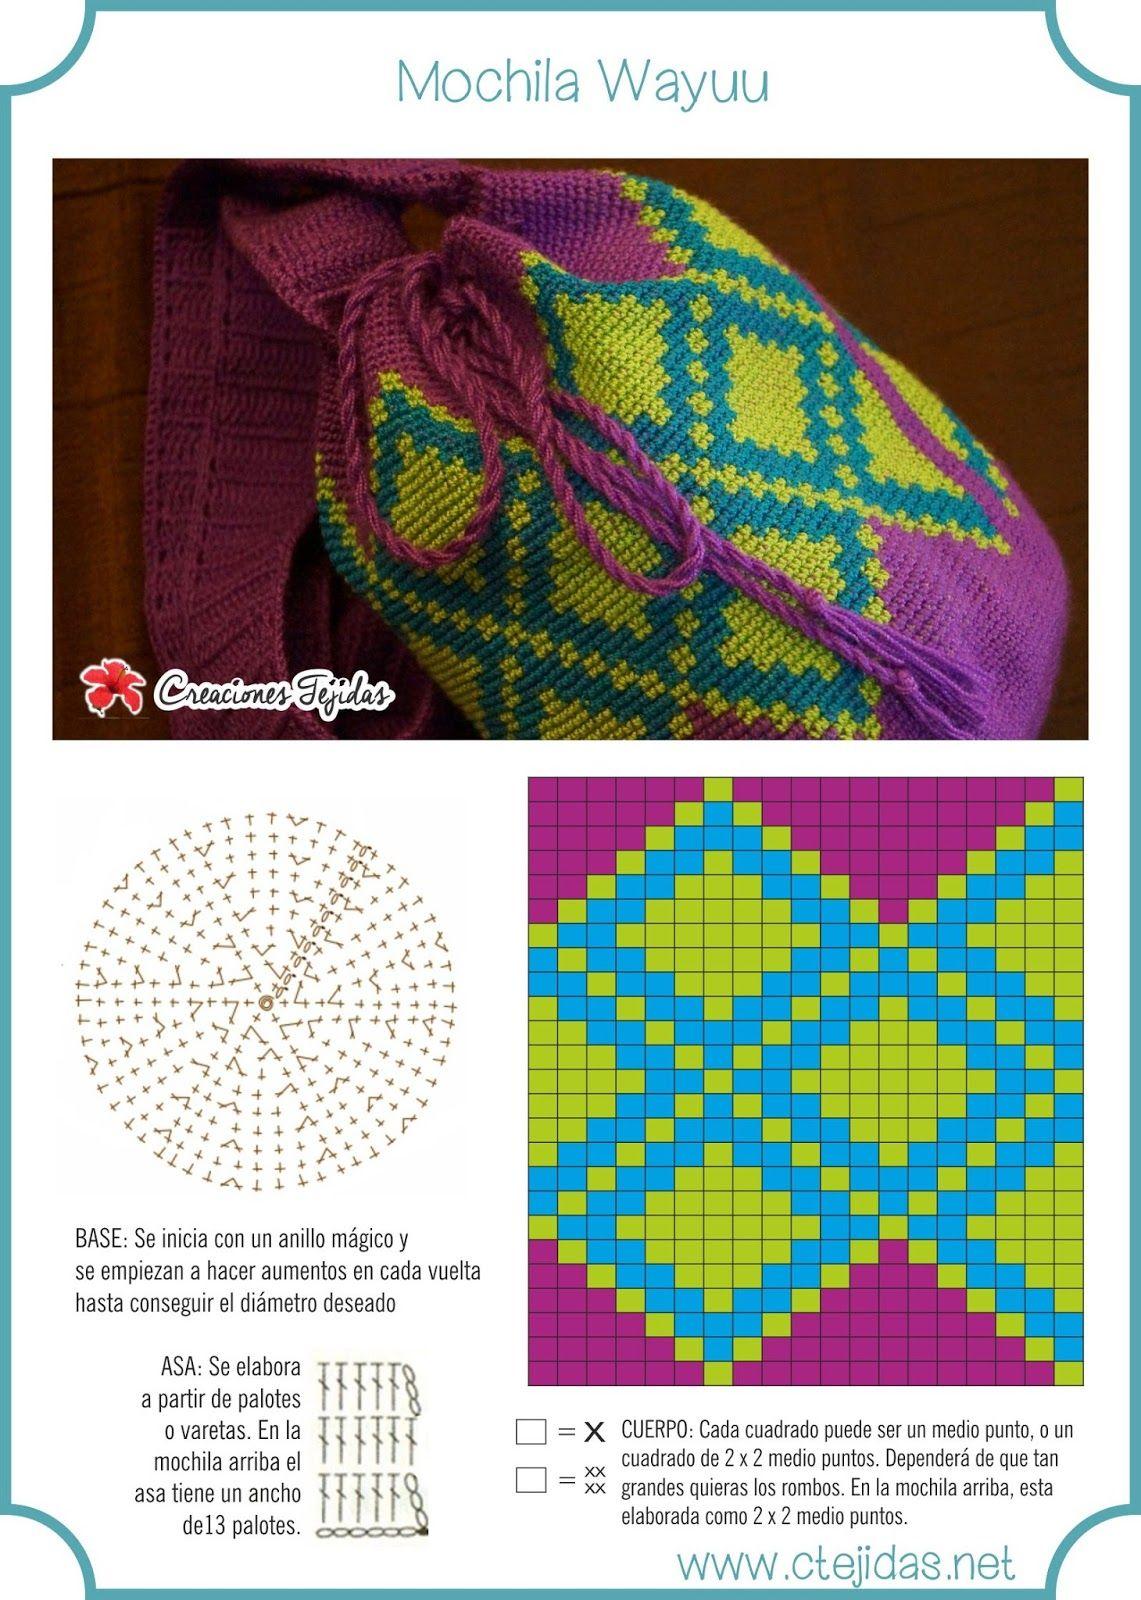 Patrón de Mochila Wayúu Handarbeiten ☼ Crafts ☼ Labores ...